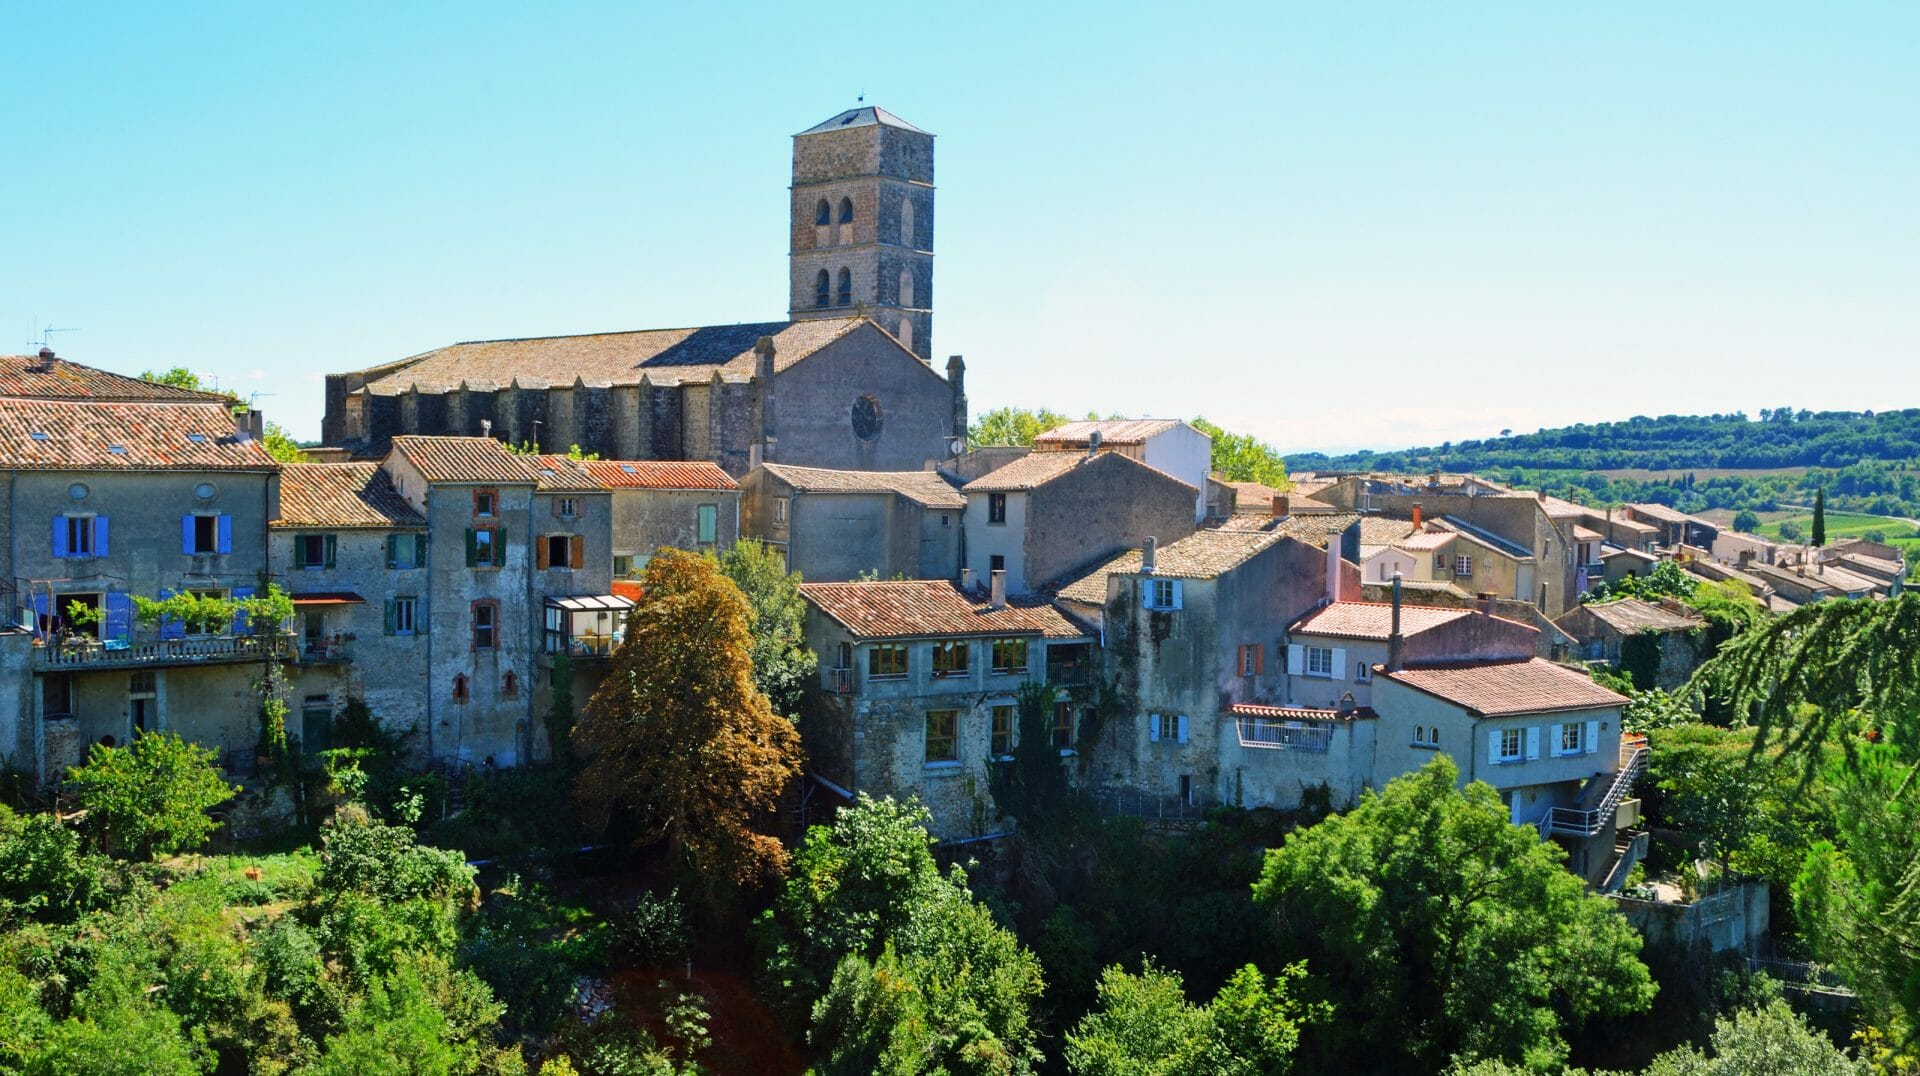 Overzicht van het dorp van MontolieuAudeLanguedoc RoussillonFrankrijk.Treesvalleyancienthousesandchurchbelltower.